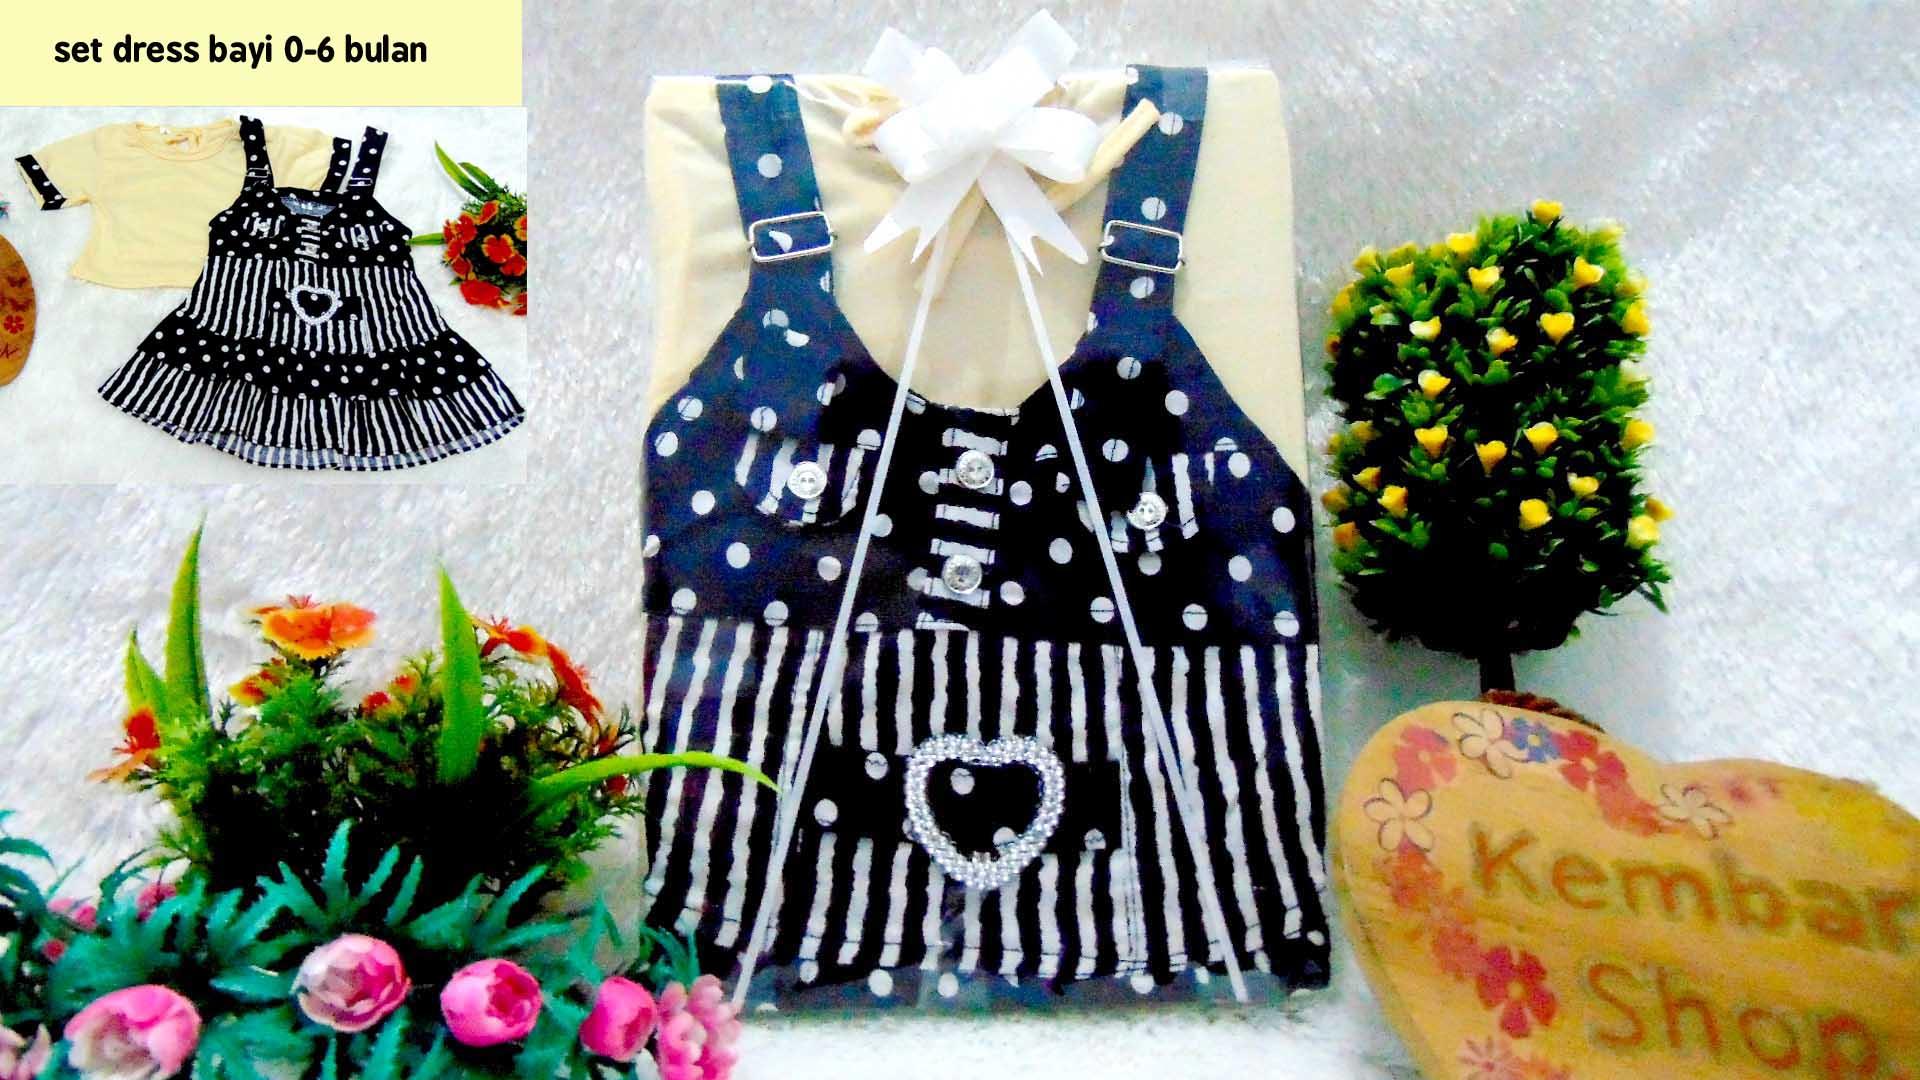 PAKET B Hampers Bayi Newborn Kado Bayi Kado Ulang Tahun Cewek Kado Lahiran Baby Gift Set Baju Bayi Perempuan Kado Dress Pesta 1